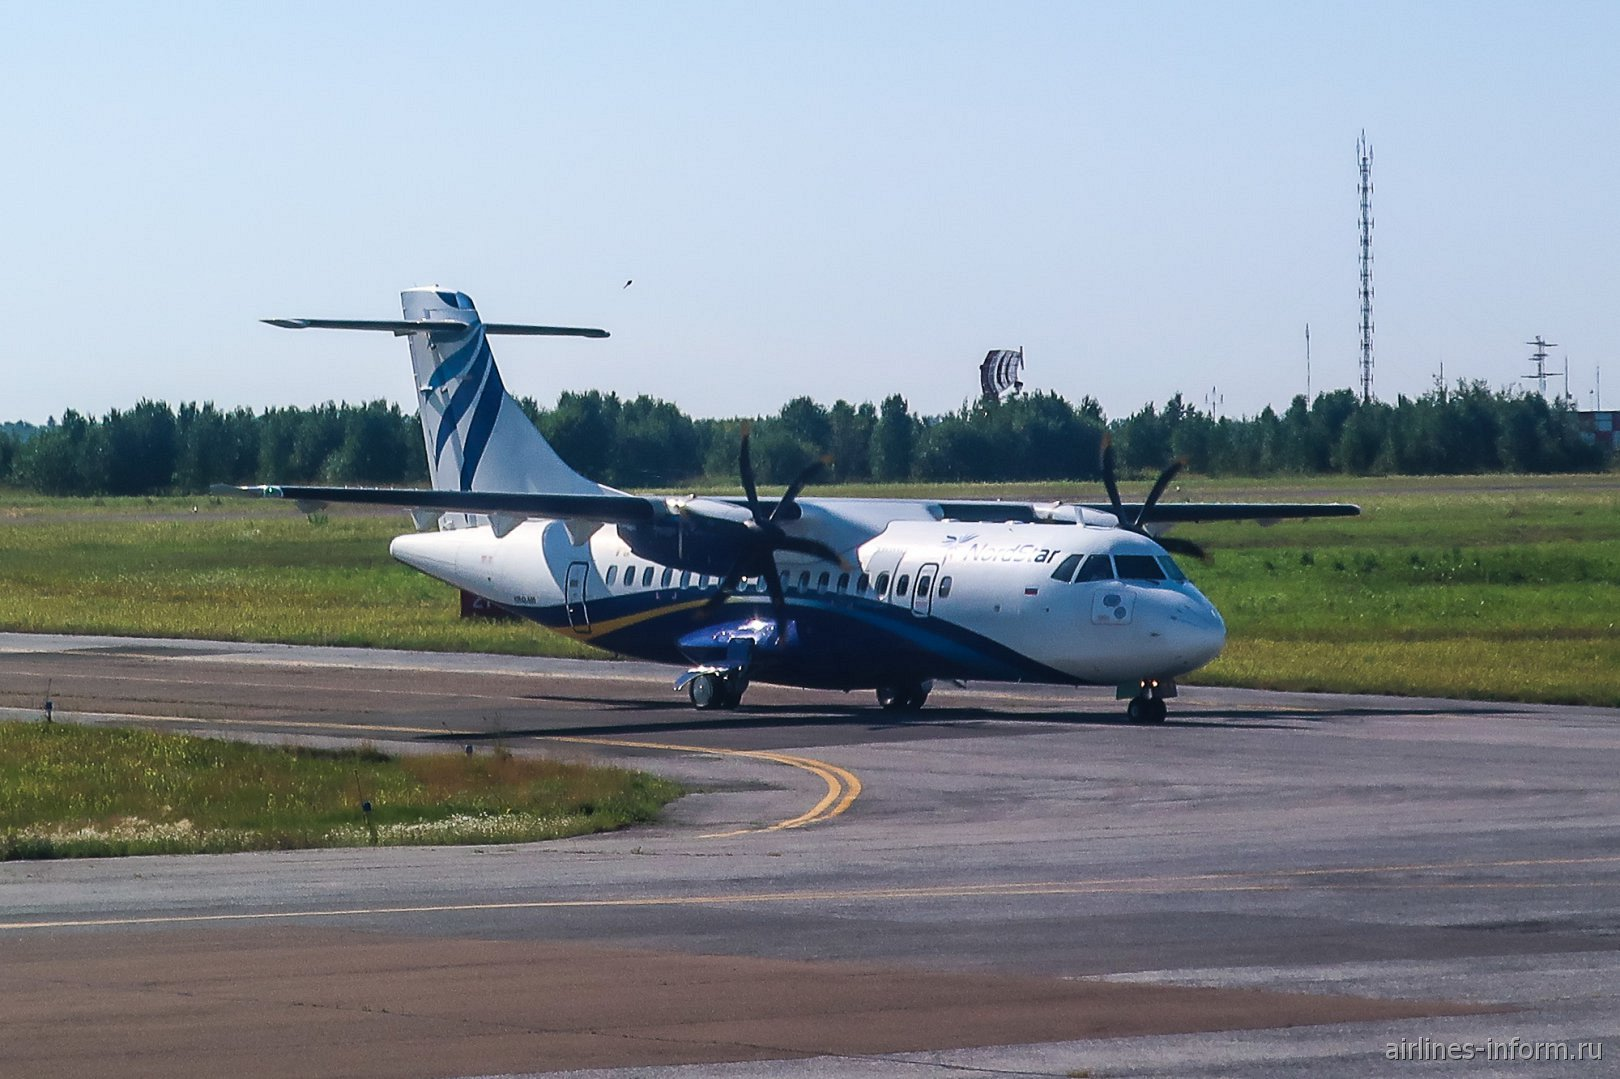 Самолет ATR 42 авиакомпании NordStar в аэропорту Томска